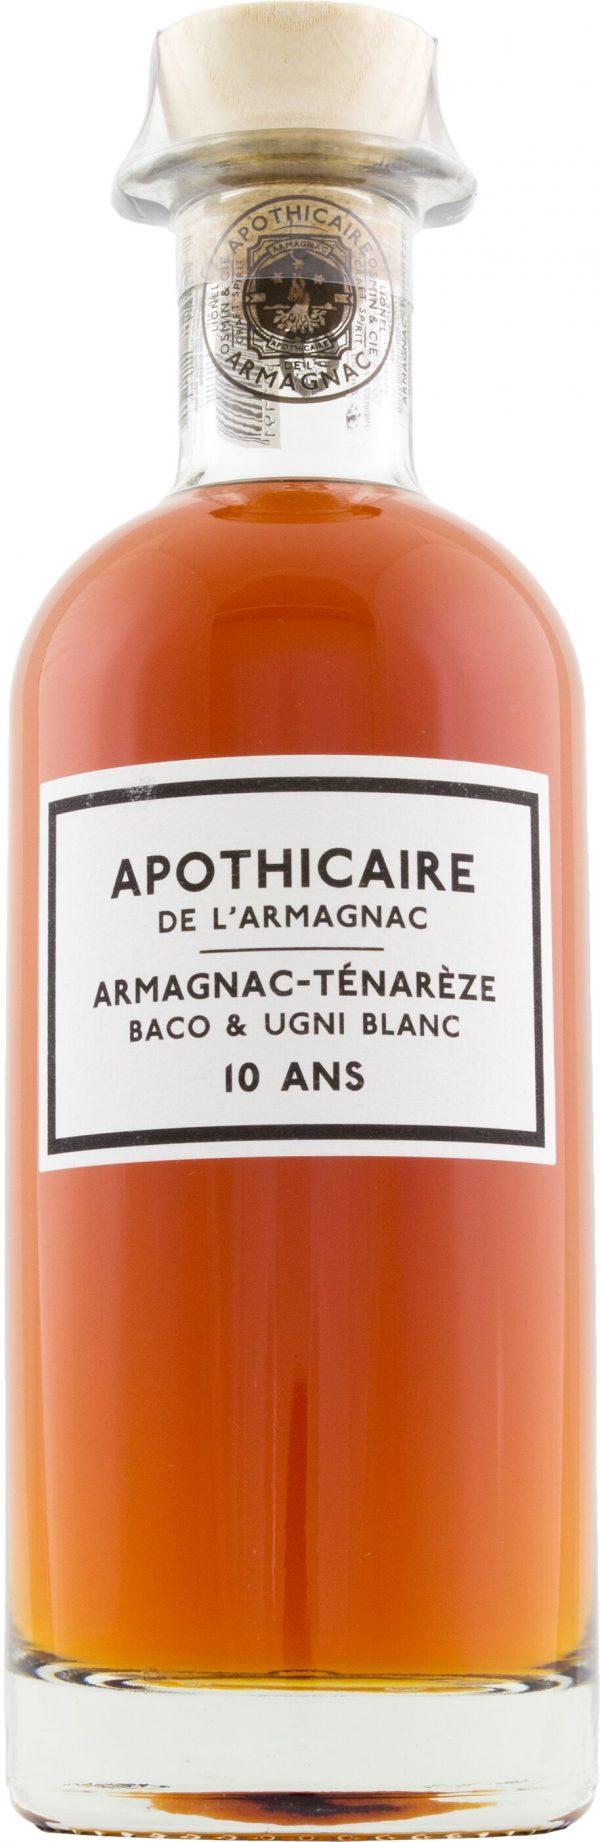 Apothicaire de L'Armagnac